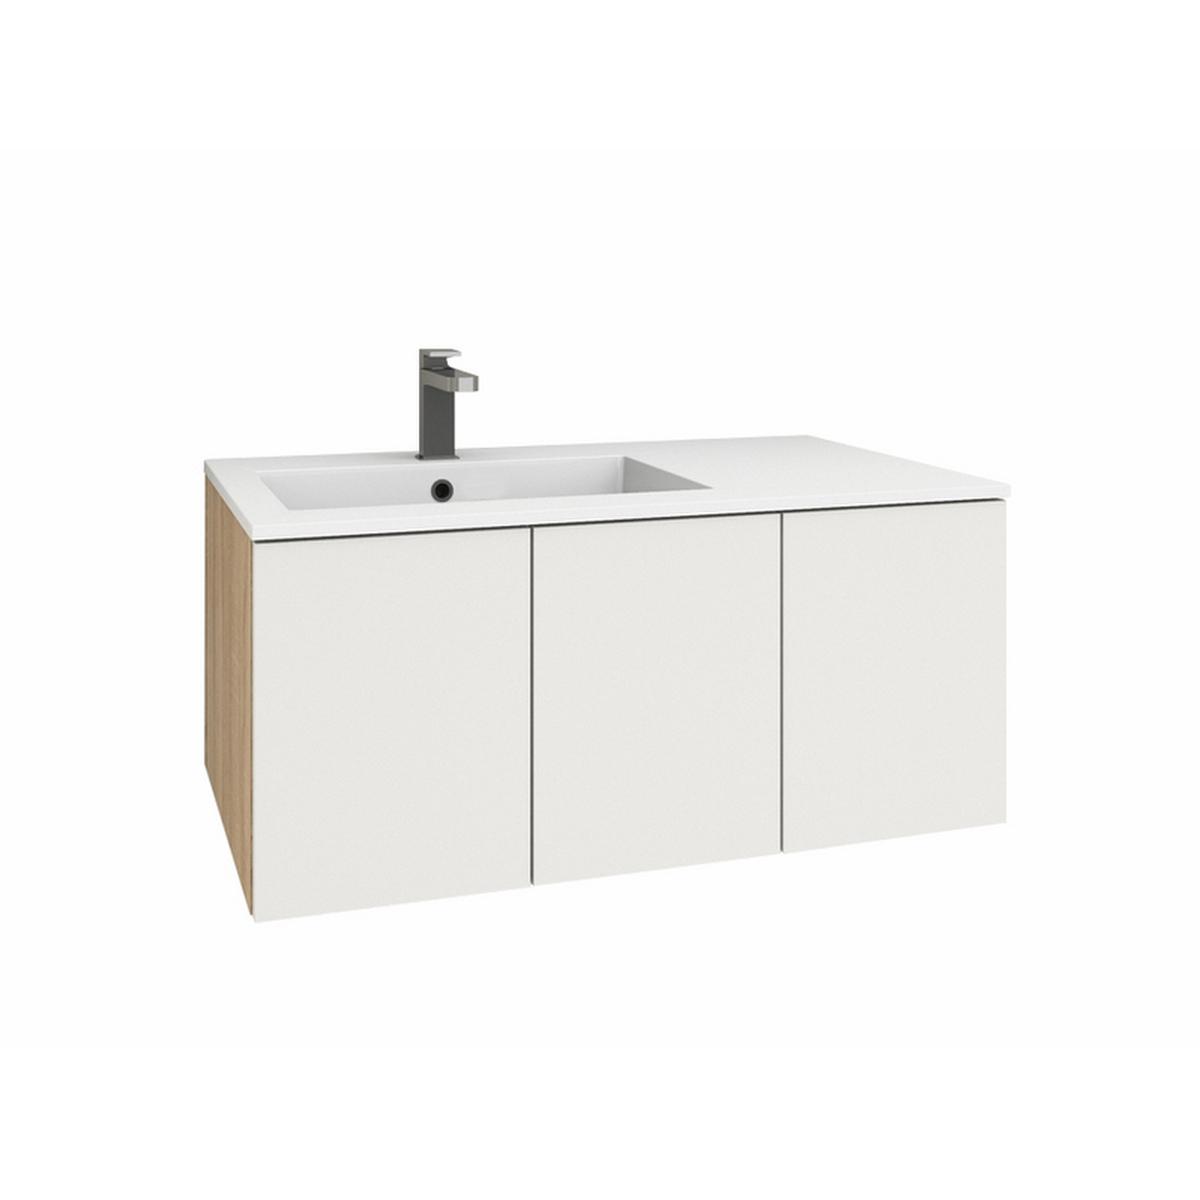 levanto 90l mineralguss waschtisch set mit 3 t ren. Black Bedroom Furniture Sets. Home Design Ideas